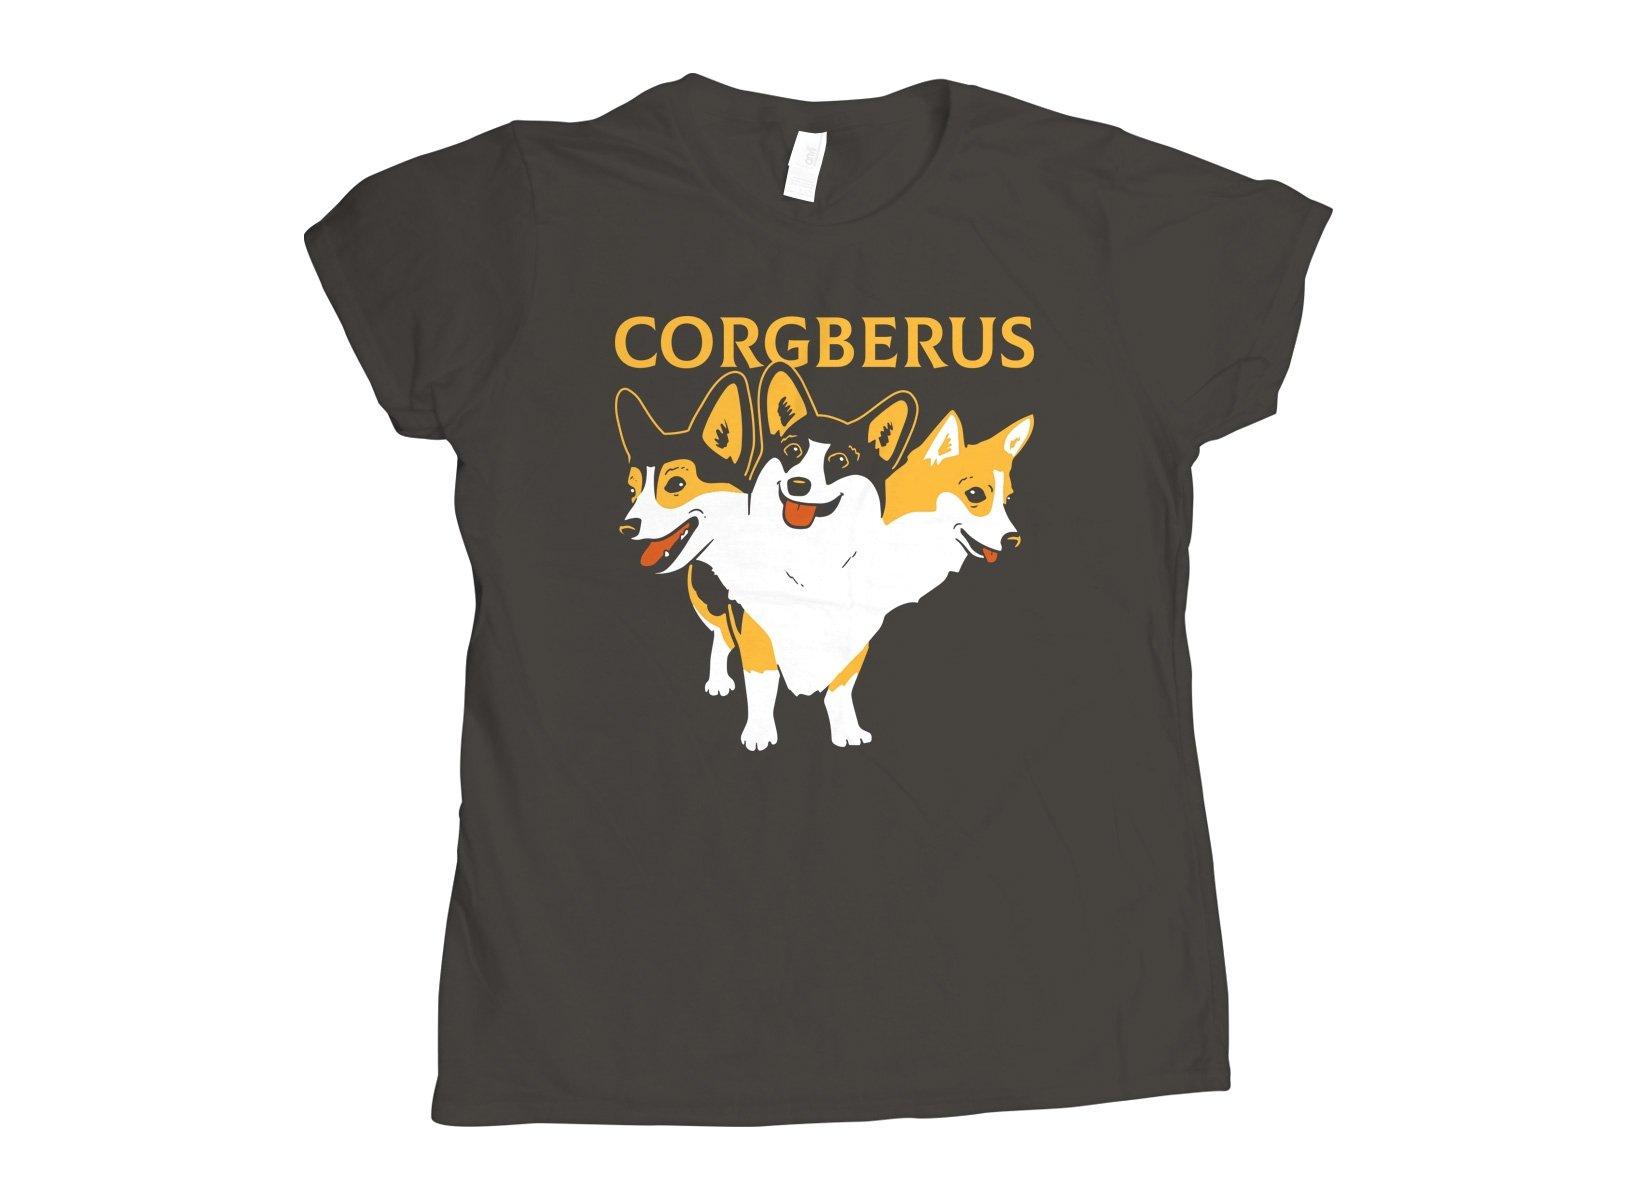 Corgberus on Womens T-Shirt